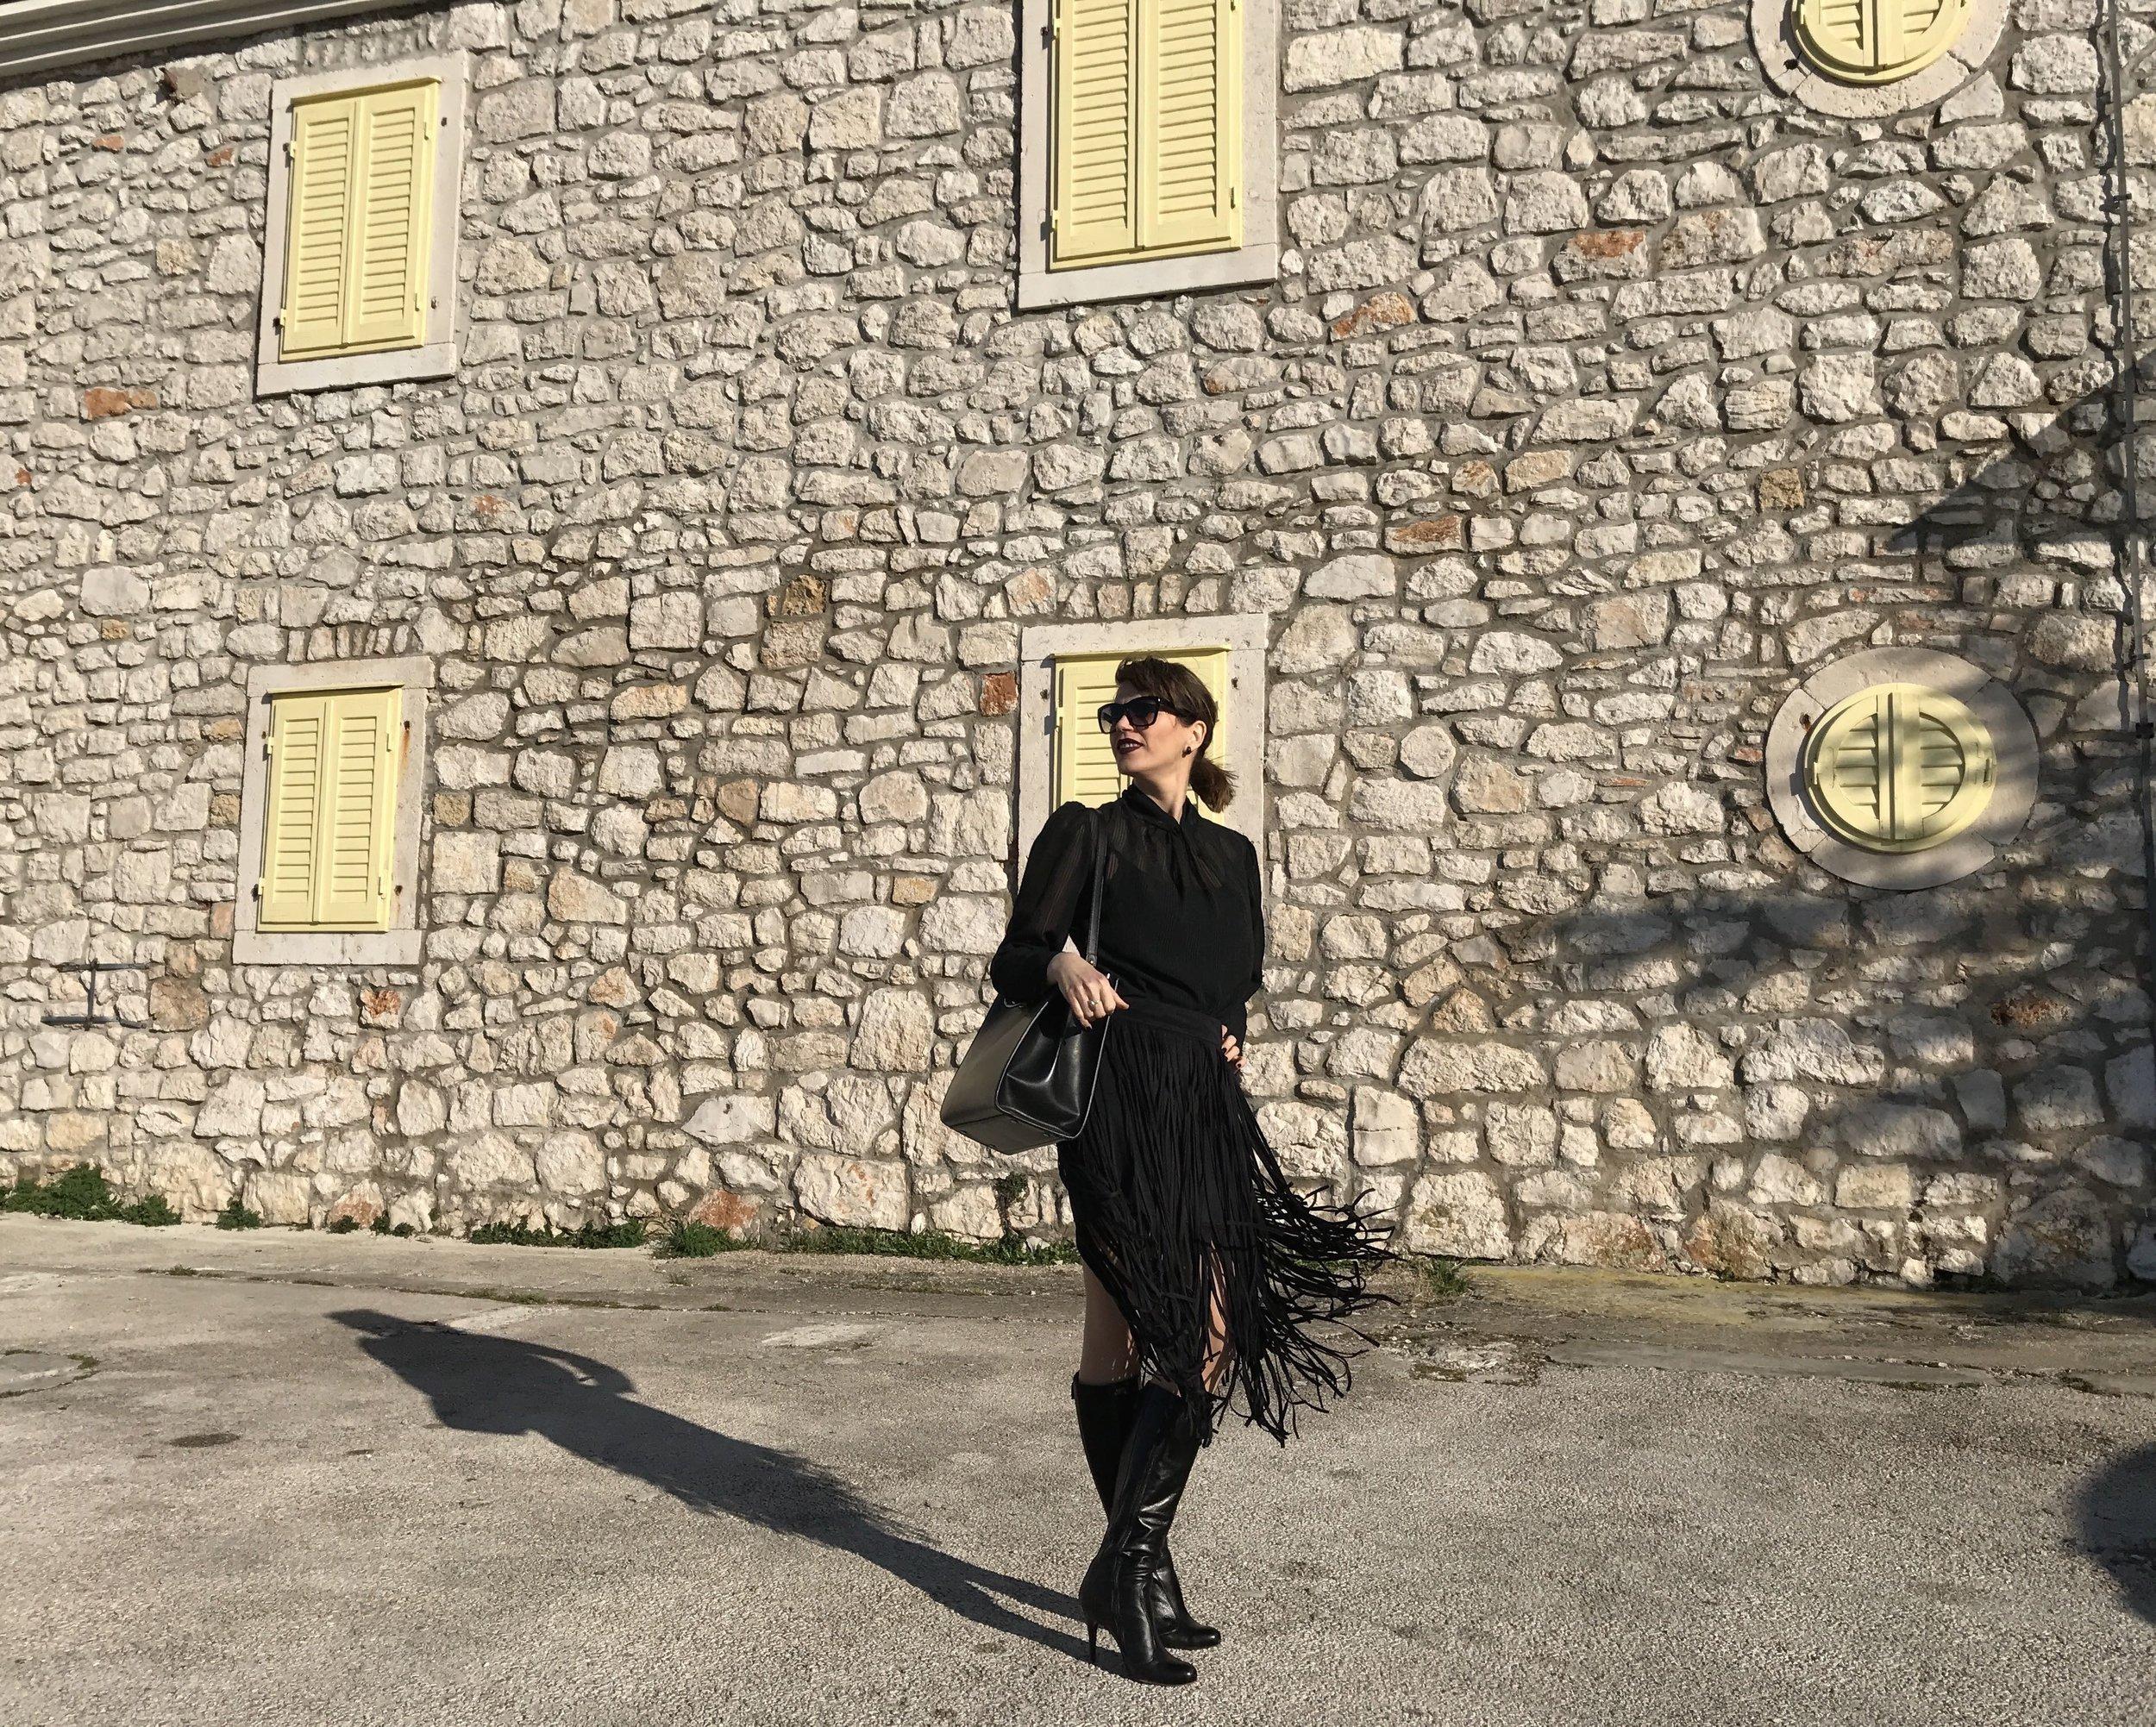 Black in Colour